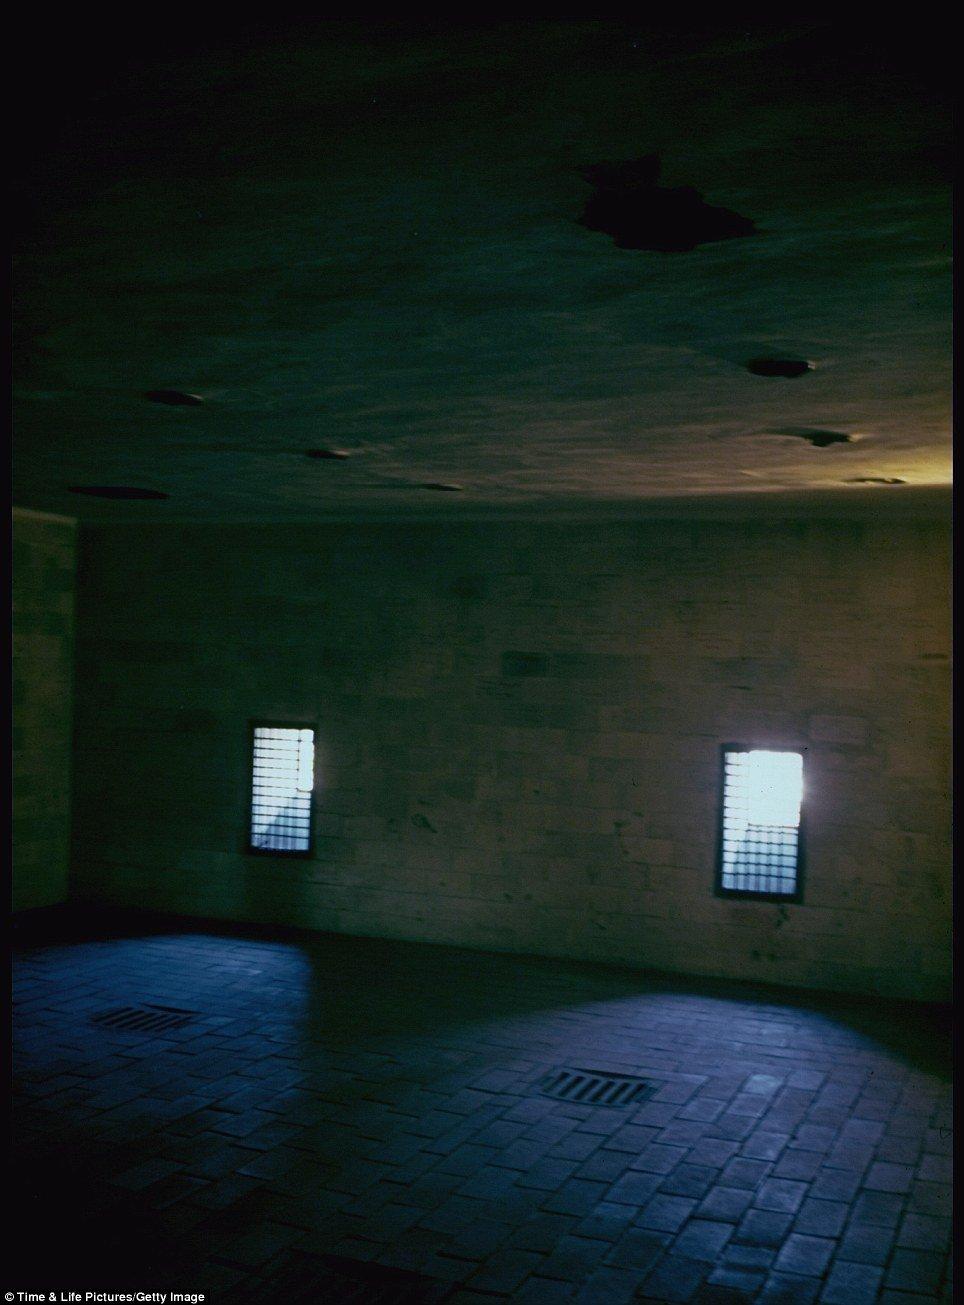 Hình ảnh Những hình ảnh lạnh người về trại tập trung Dachau thời Phát xít Đức số 1